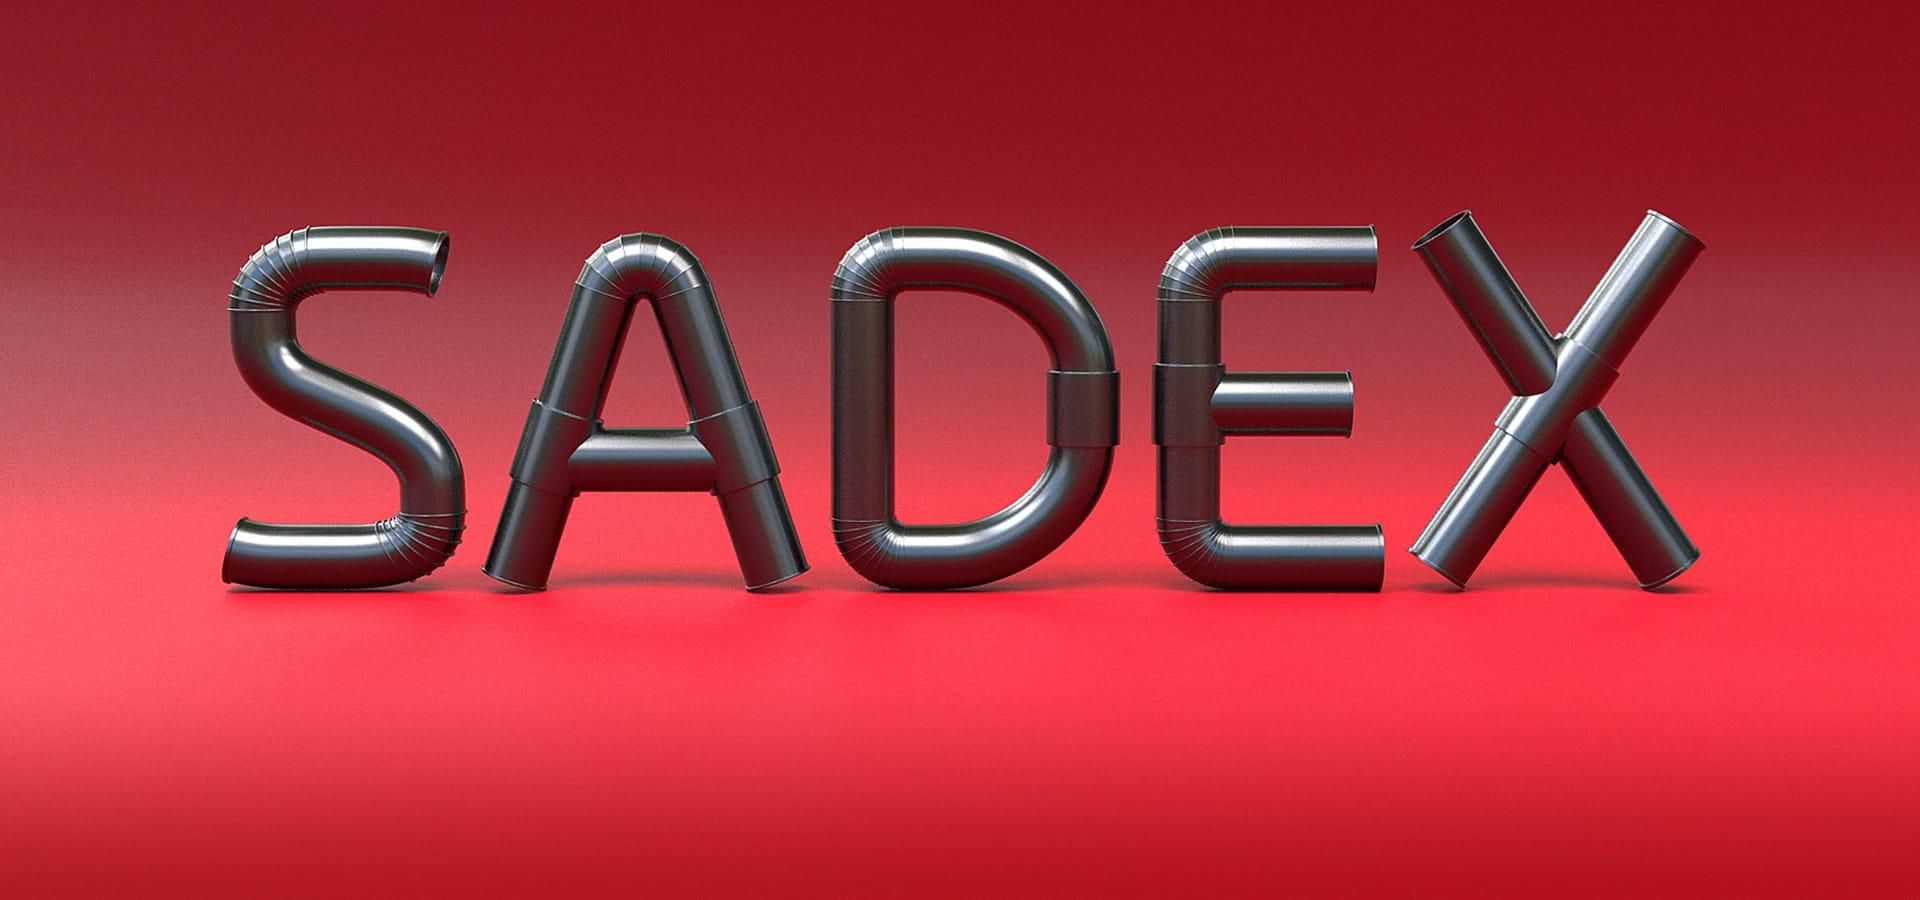 Mainostoimisto Daddyn toteuttama Sadex-kuva